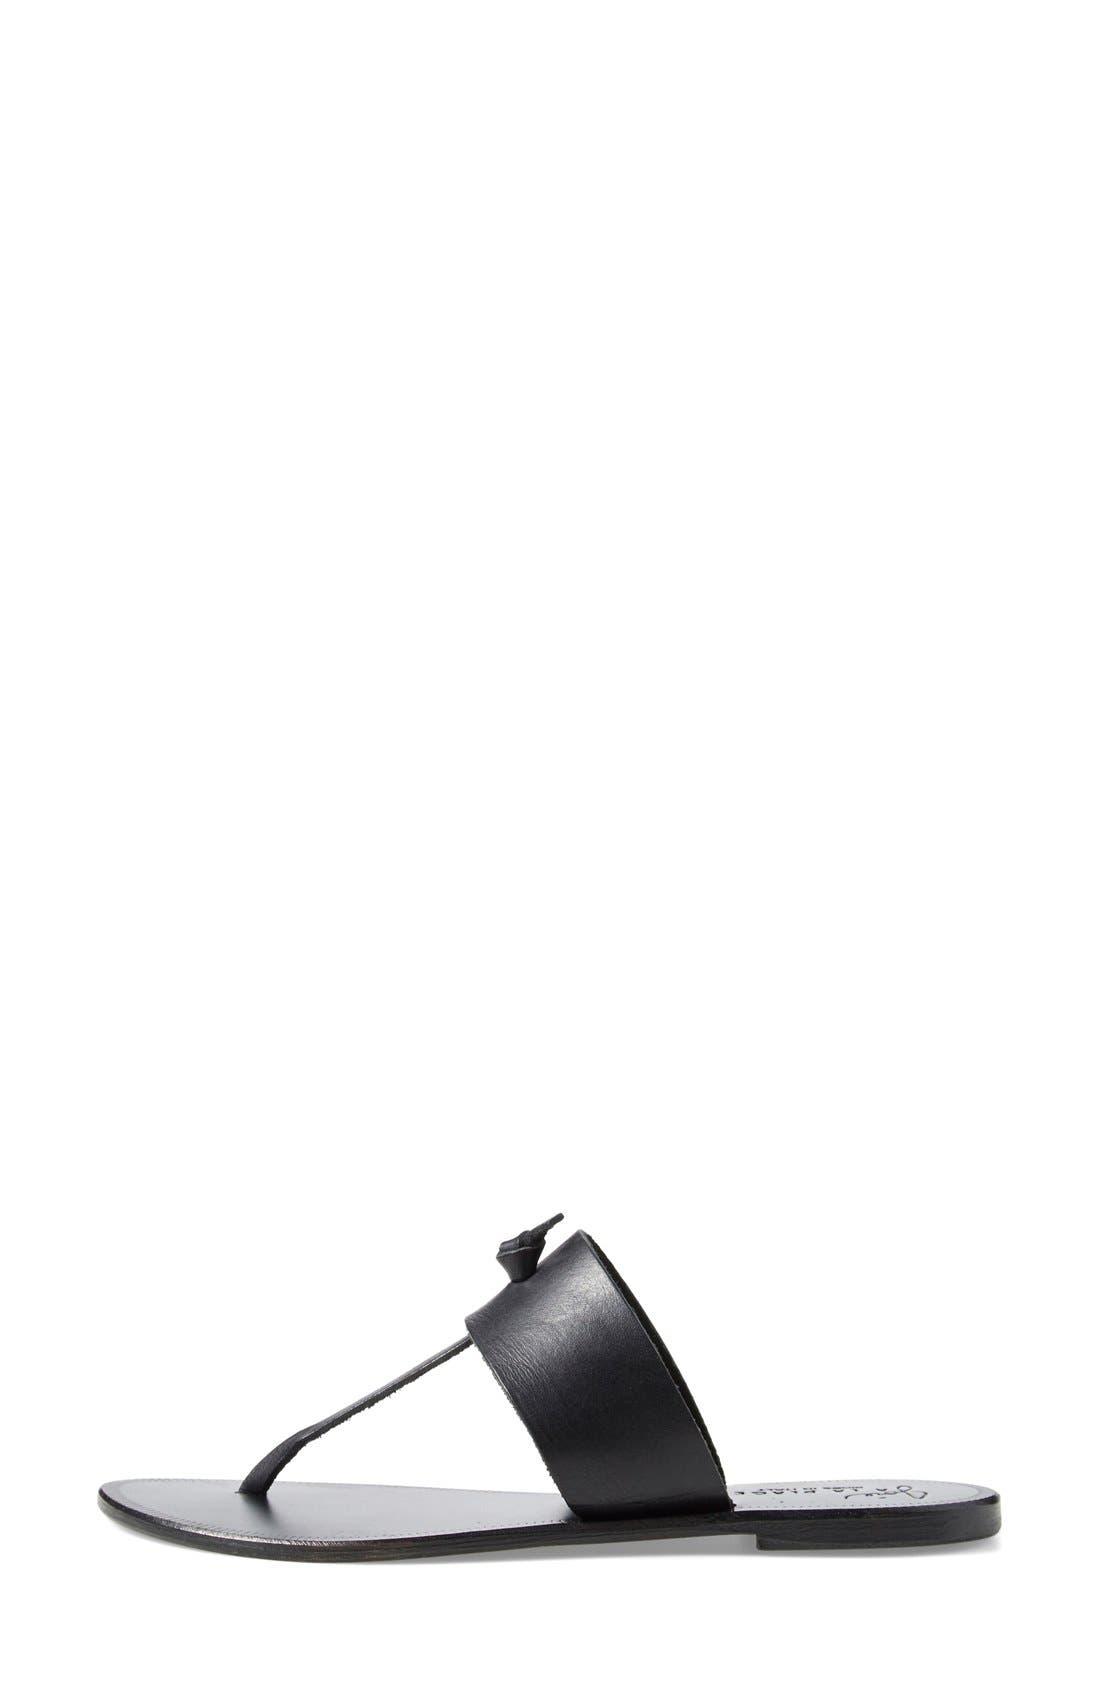 a la Plage 'Nice' Flip Flop,                             Alternate thumbnail 4, color,                             Black/ Black